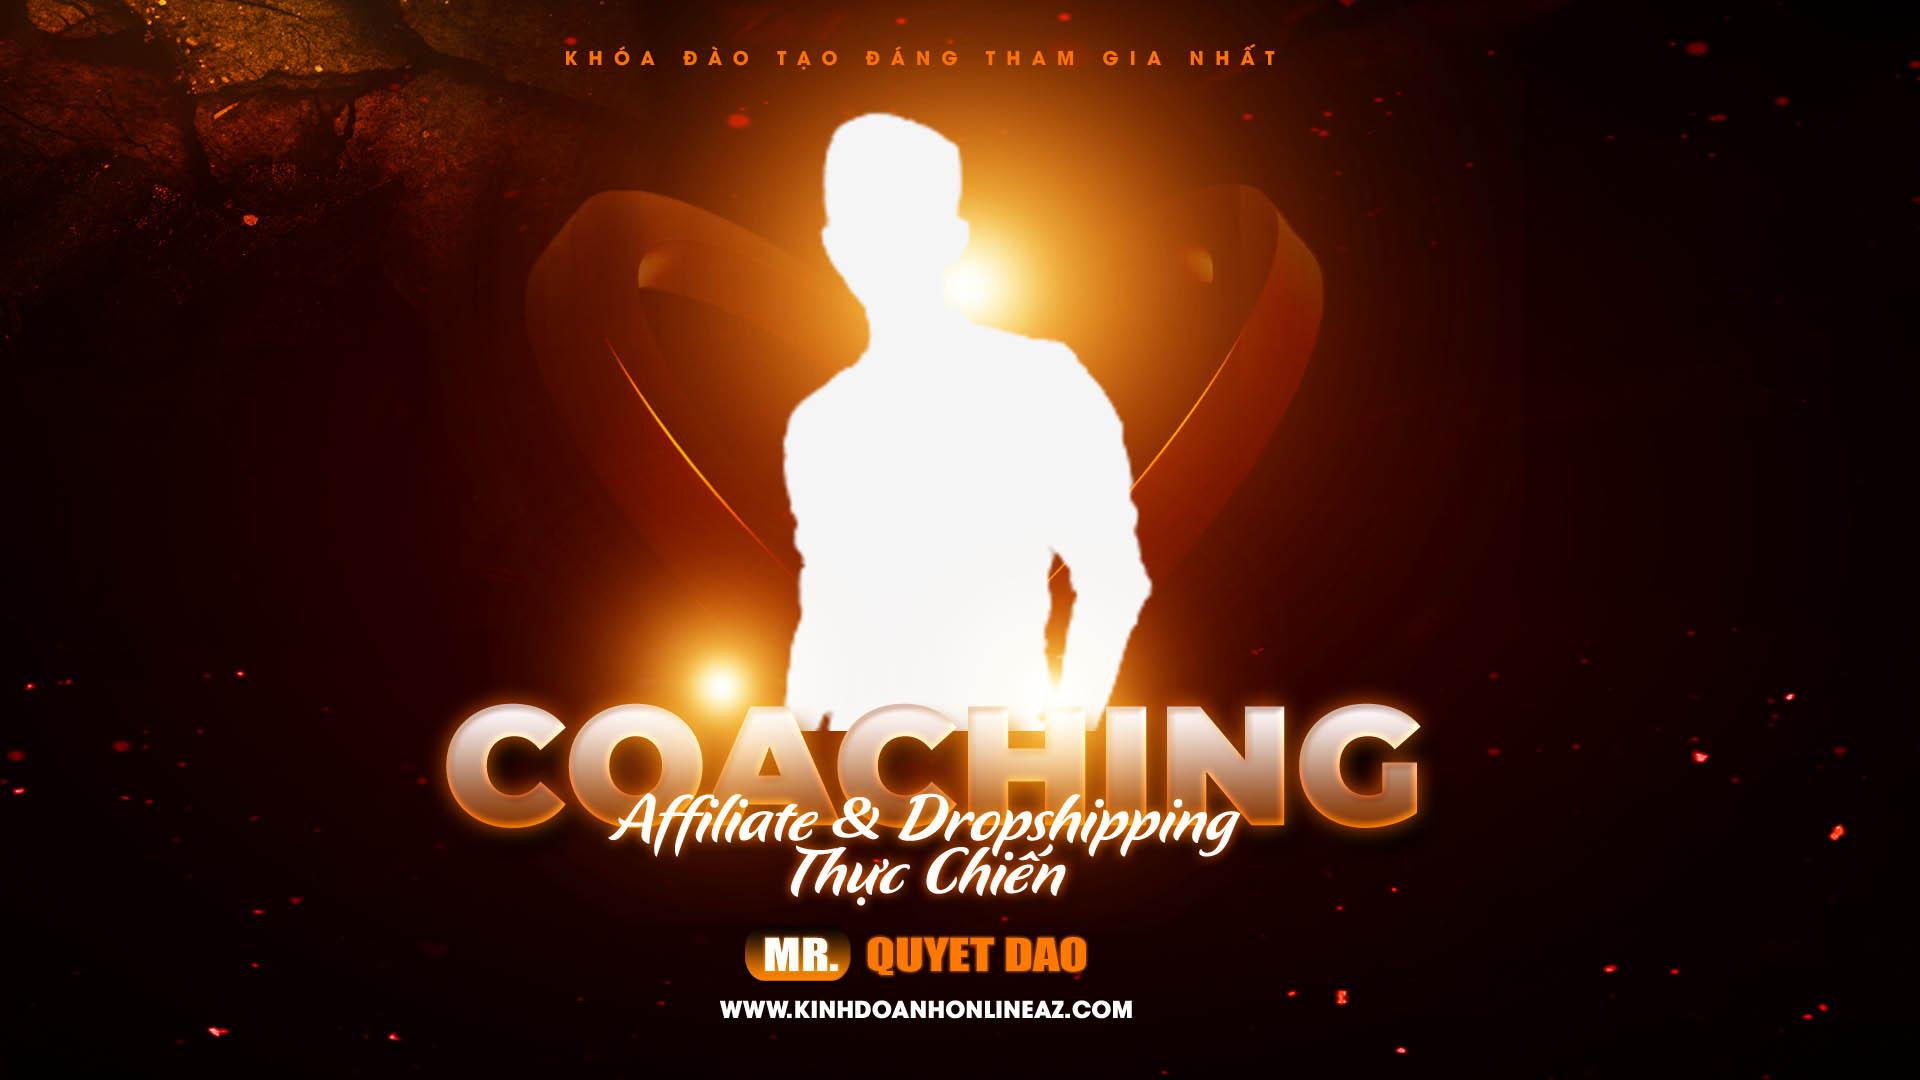 coaching-affiliate-dropshipping-thuc-chien-hd